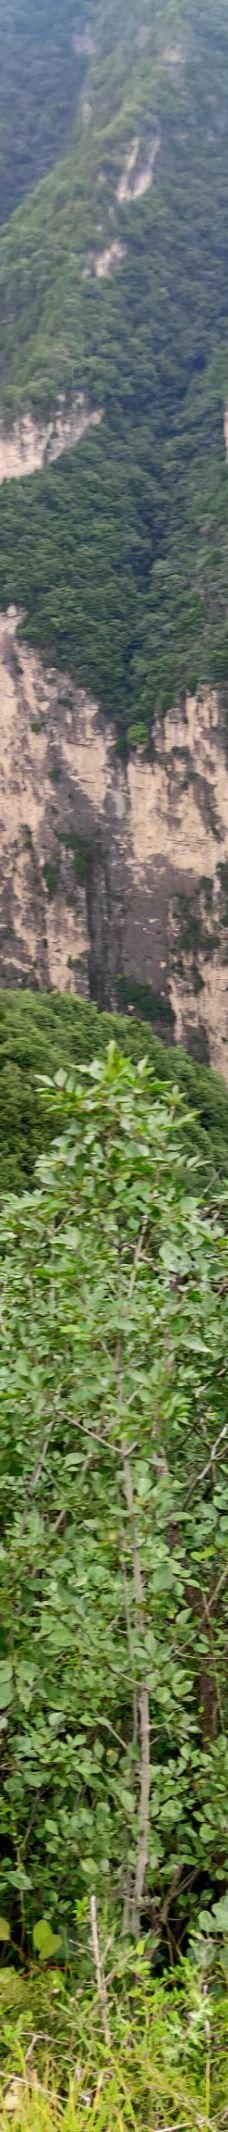 太行山大峡谷-壶关